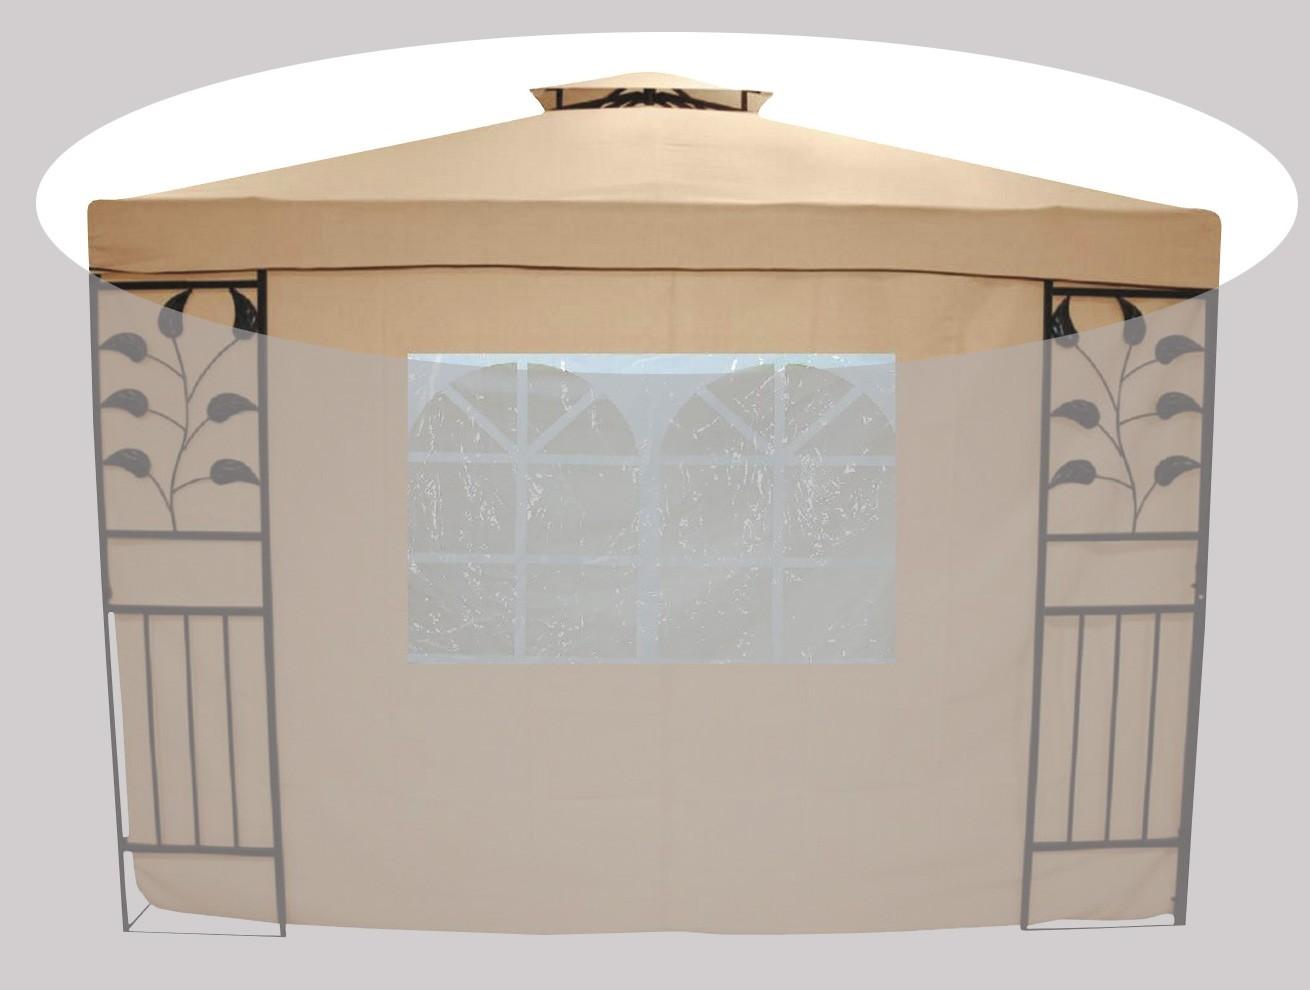 Ersatz - Dachbezug für Pavillon Livorno beige Bild 1